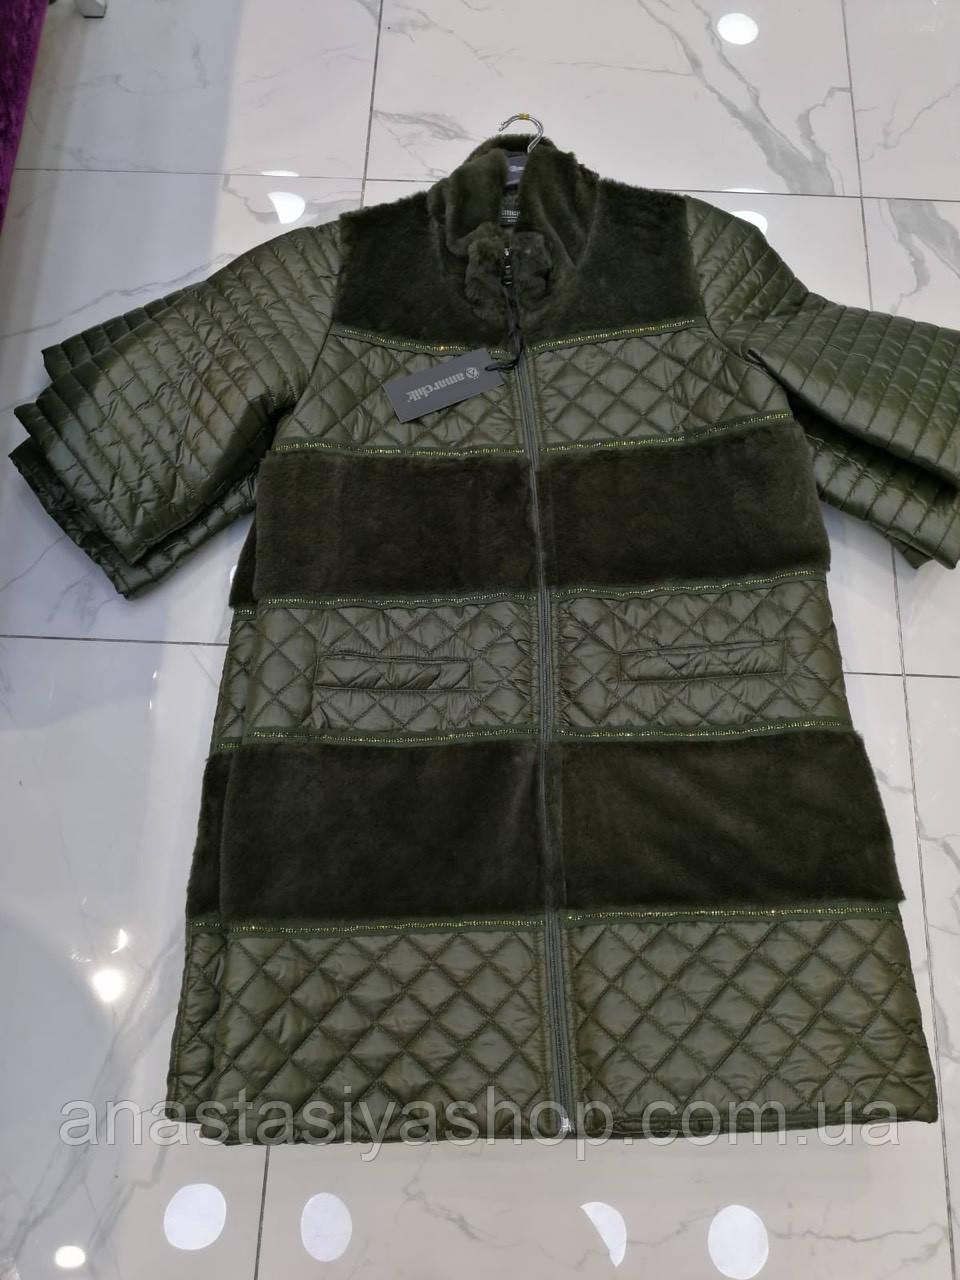 Топ продаж !! Демисезонная куртка с натуральным мехом в наличии